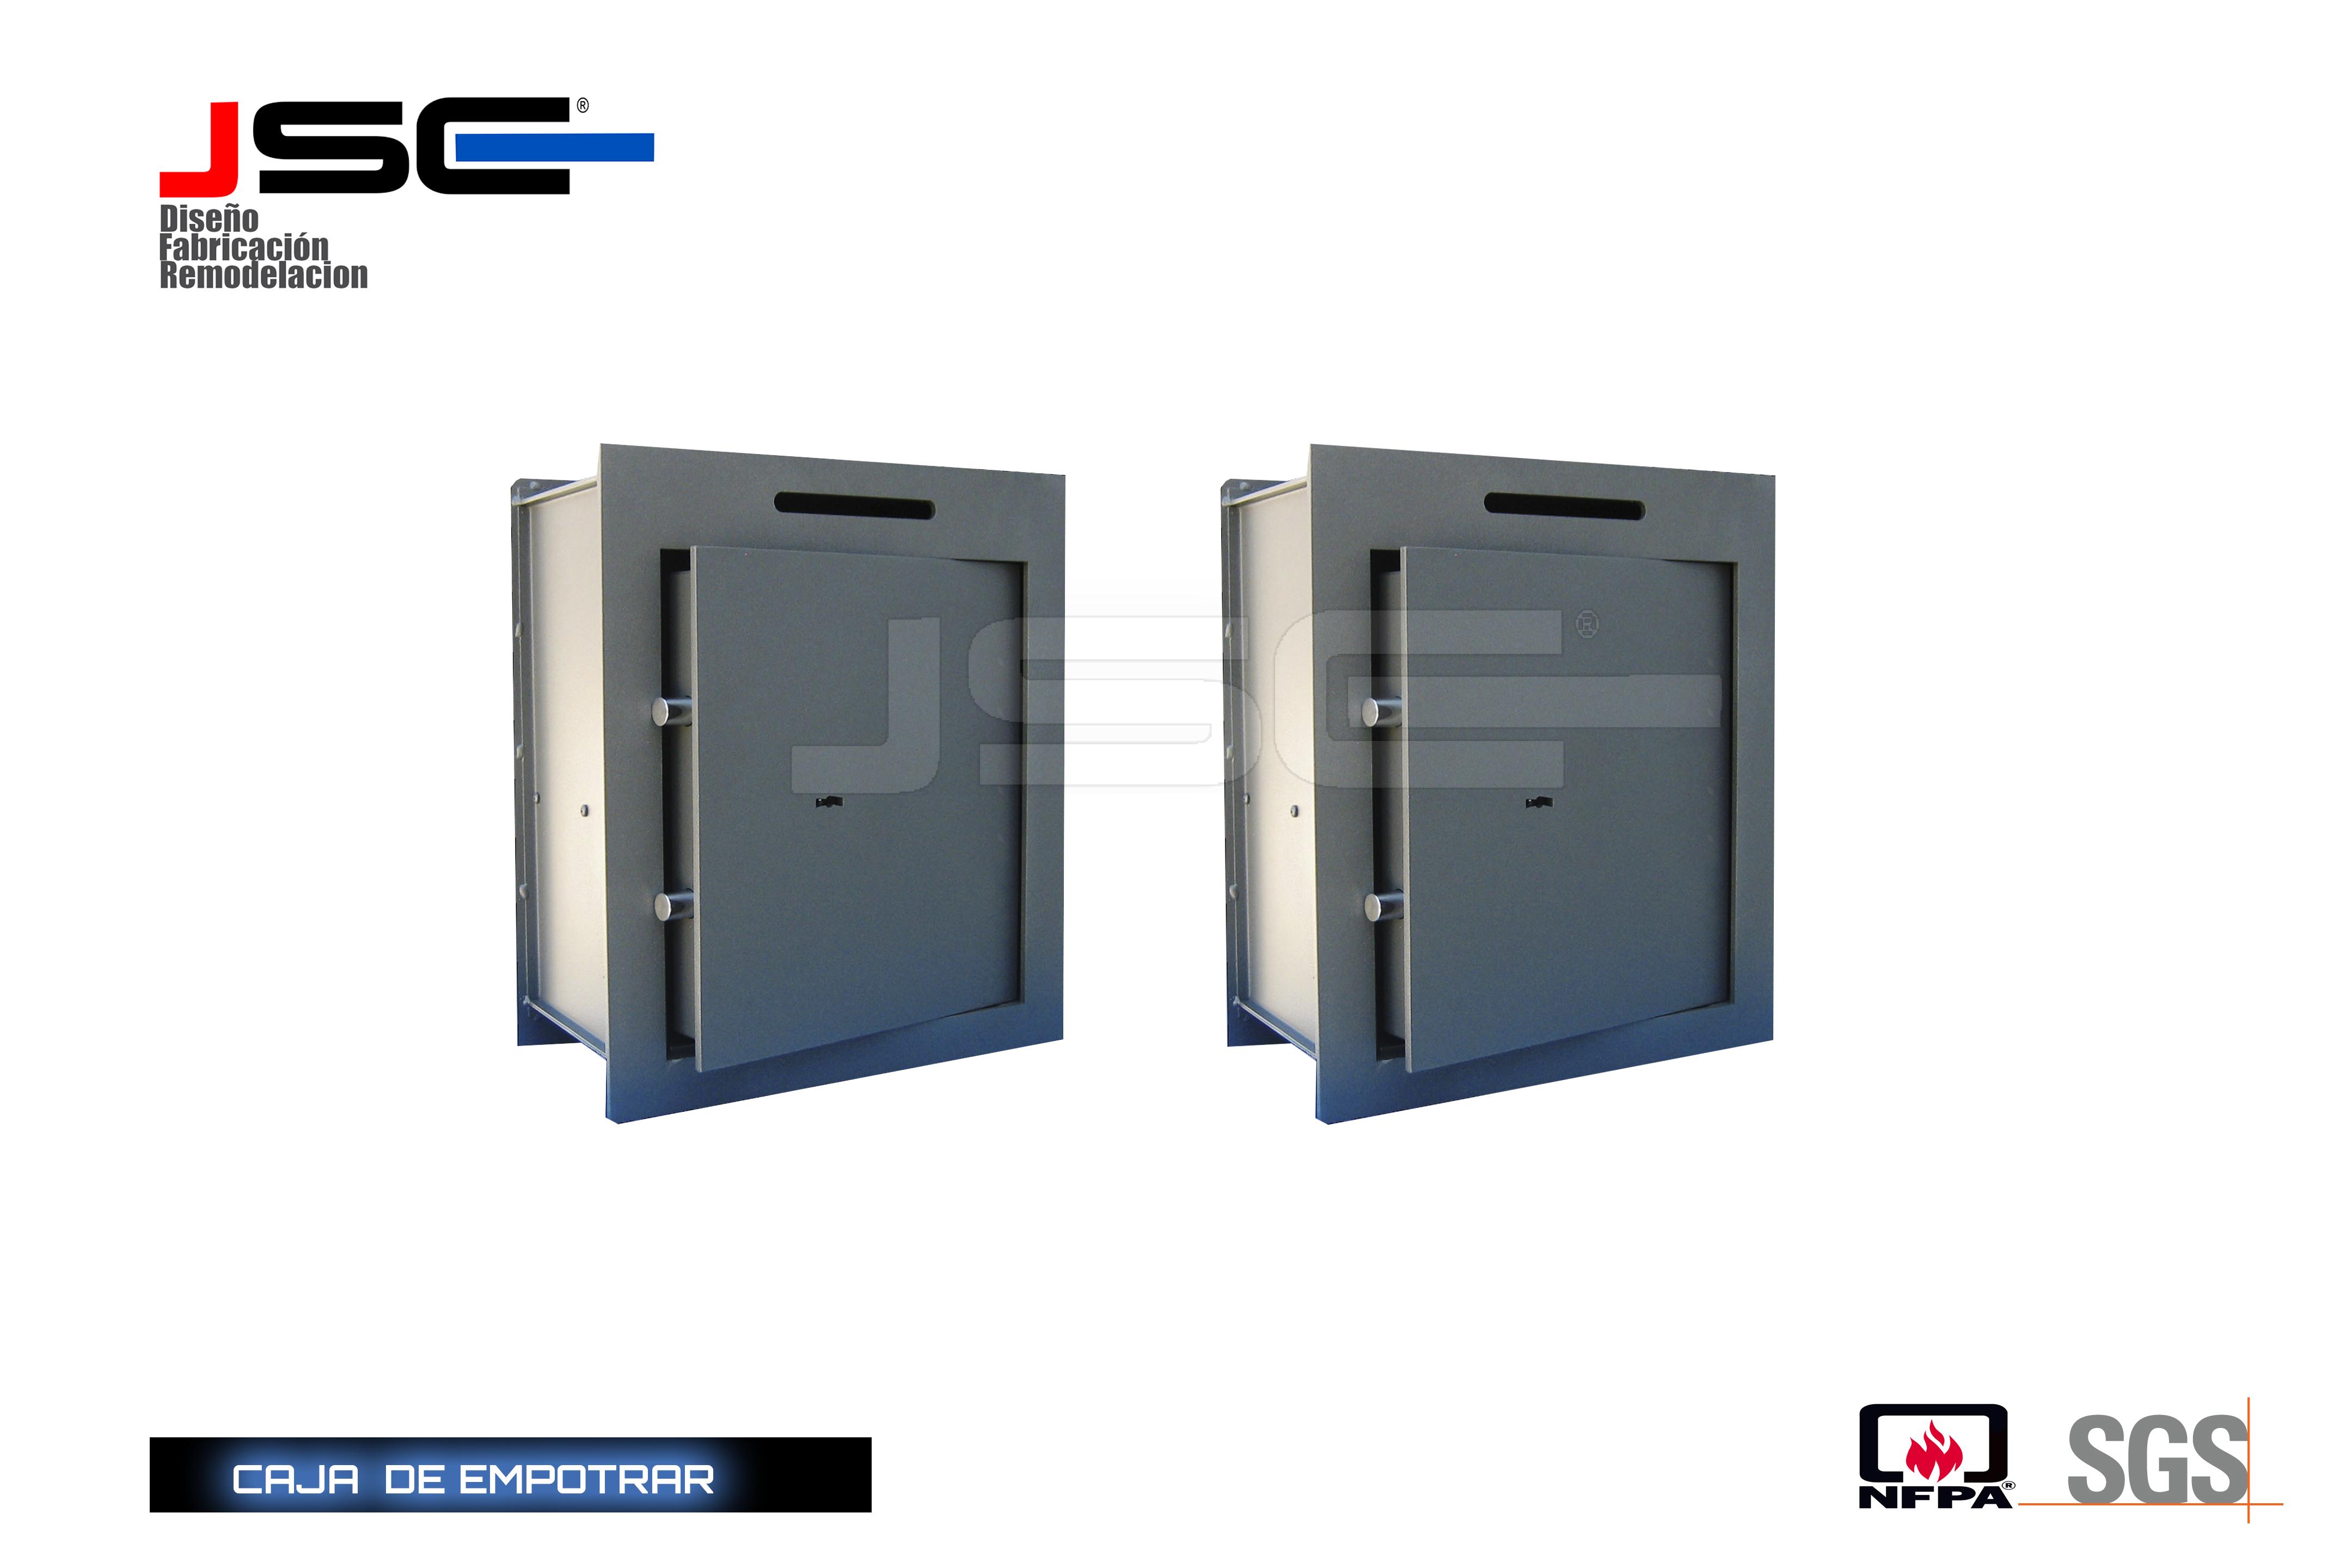 Caja de empotrar JSCE003